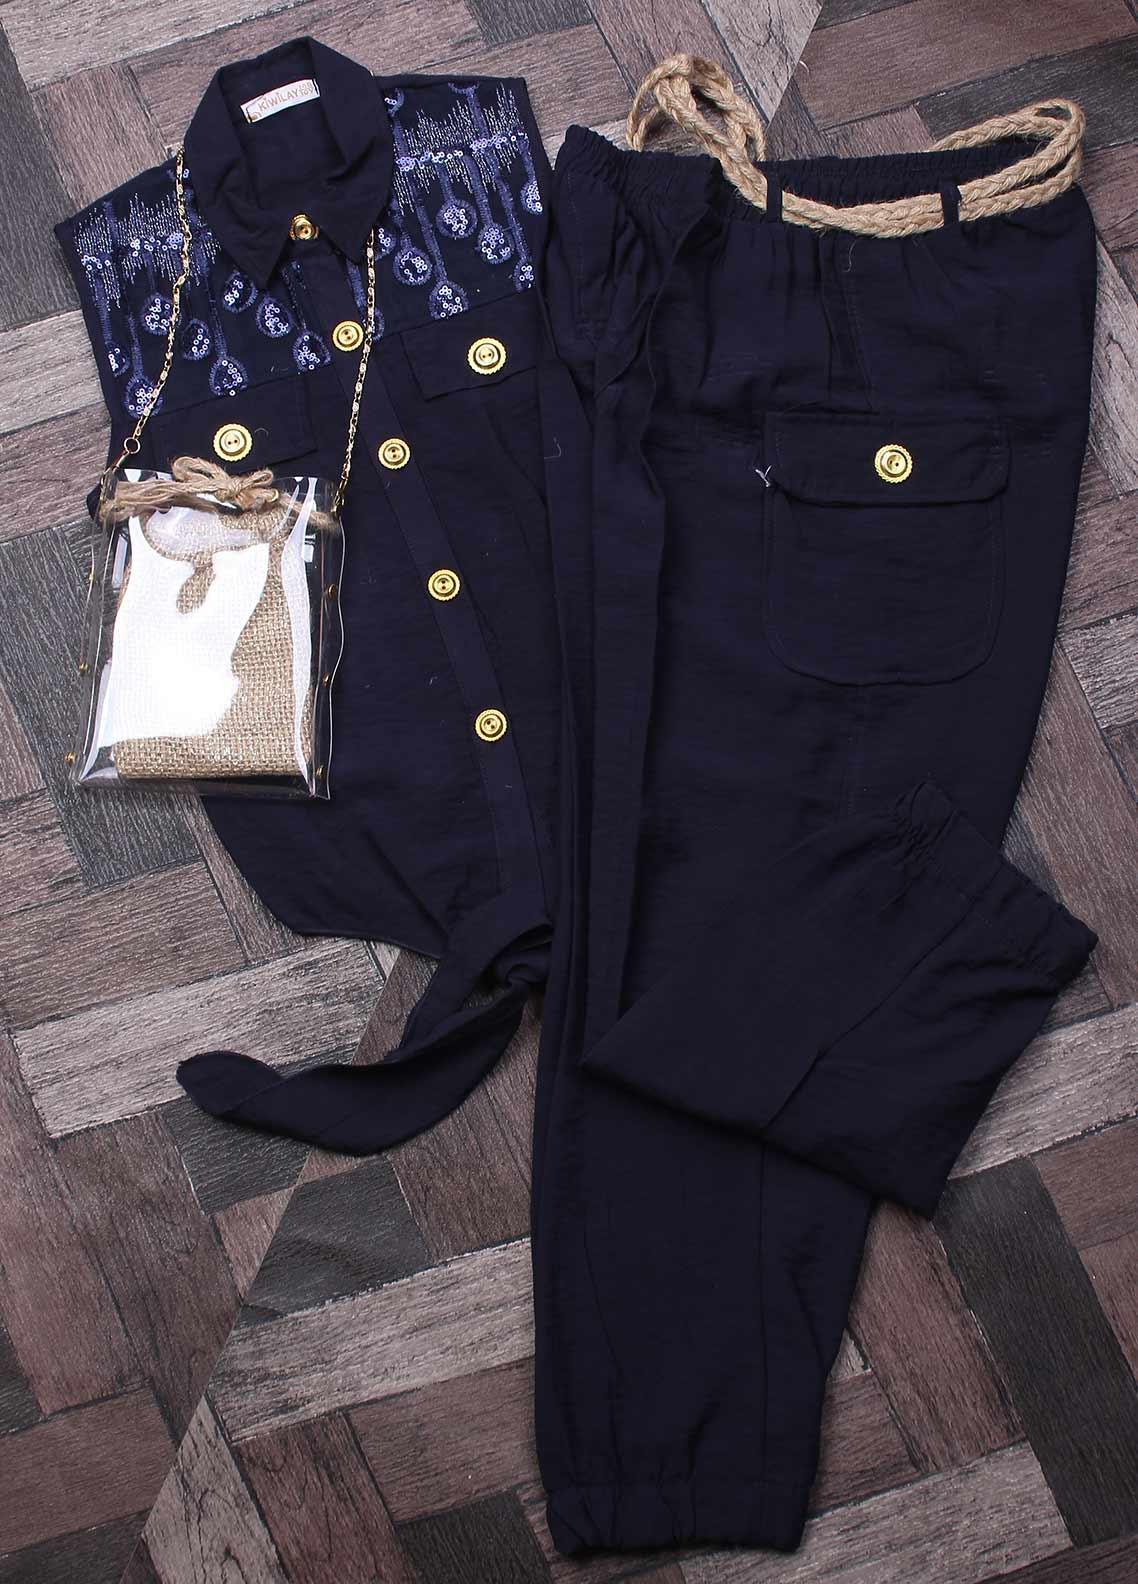 Sanaulla Exclusive Range Cotton Fancy Suits for Boys -  2417 Blue